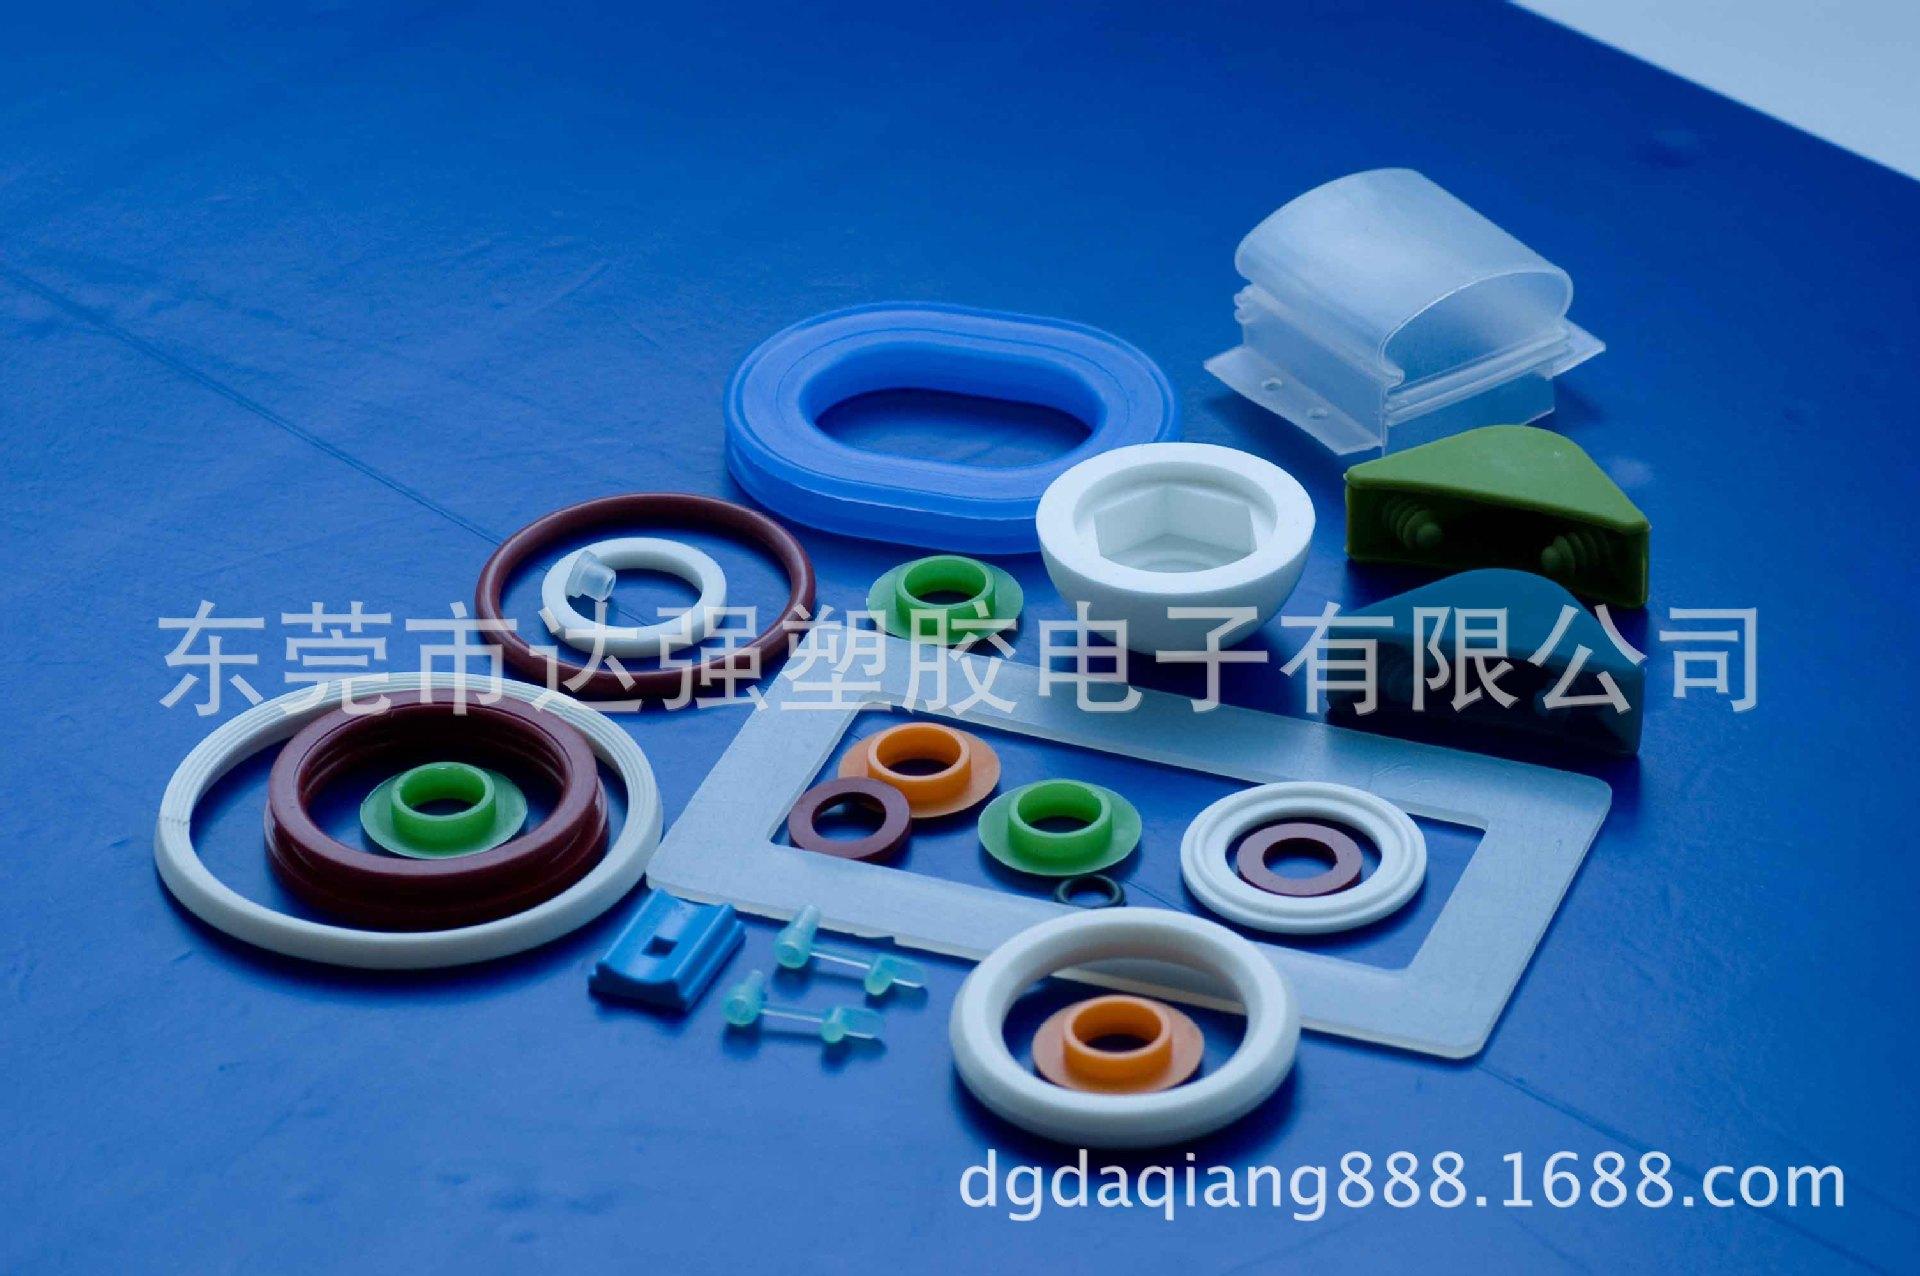 硅胶制品加工厂家/硅胶模压杂件/密封圈